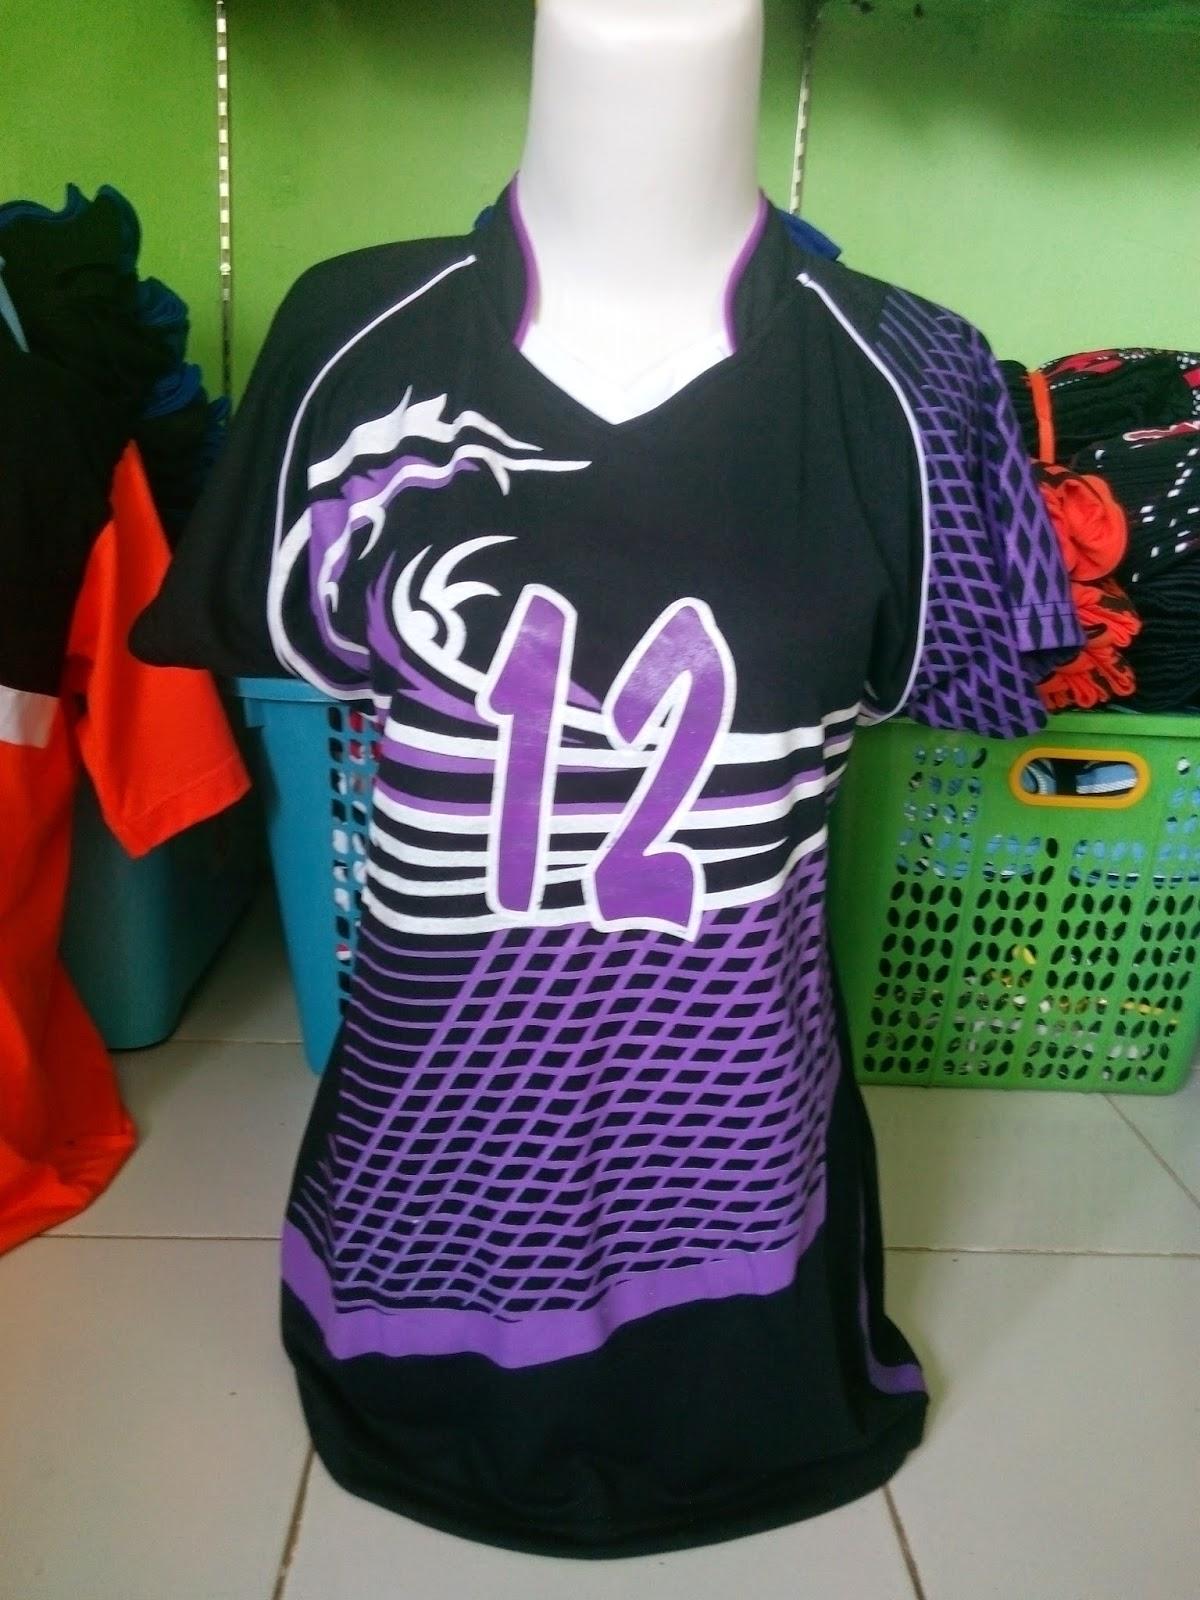 100+ Gambar Baju Volley Batik dengan Jual Beli bola baju